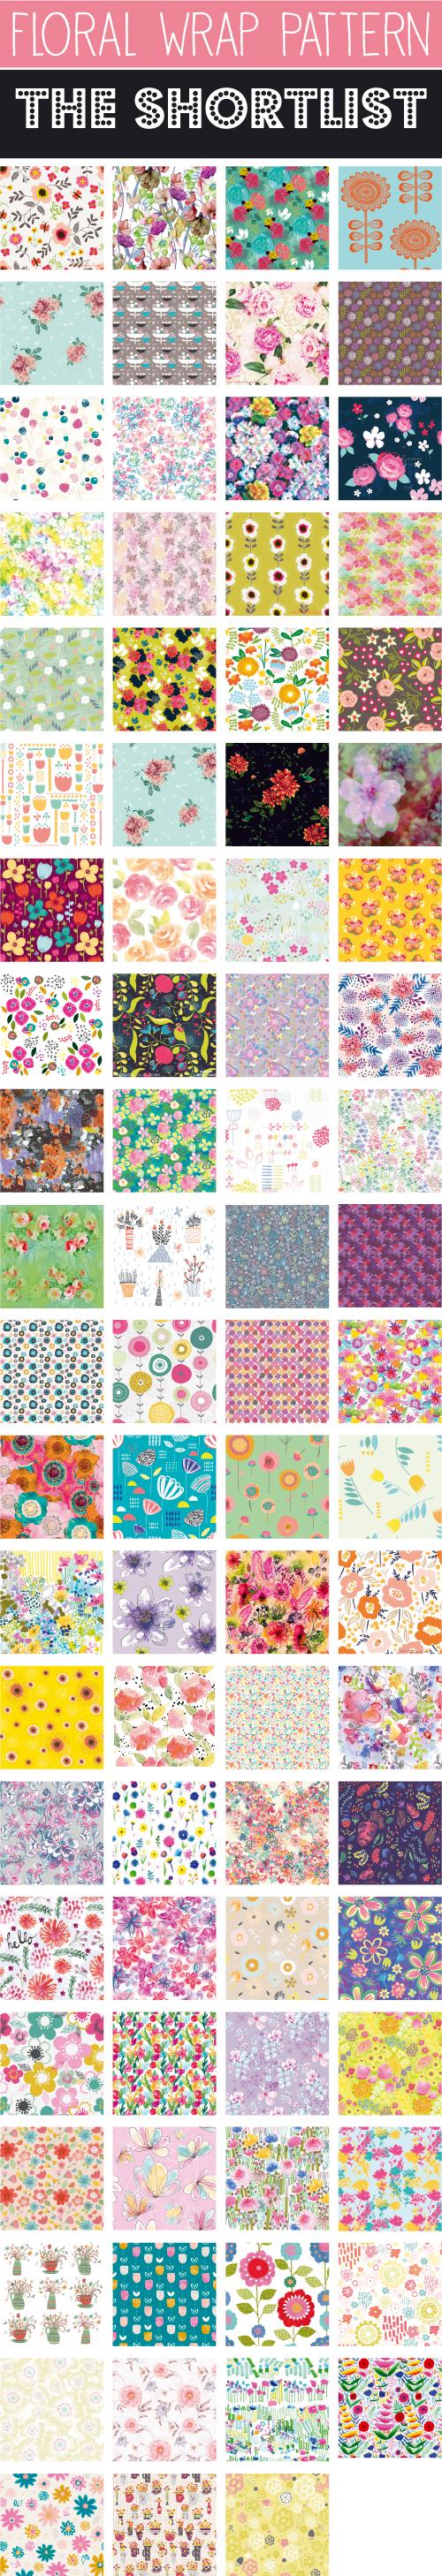 02_ShortlistPost_Top83_FloralWrap_Banner